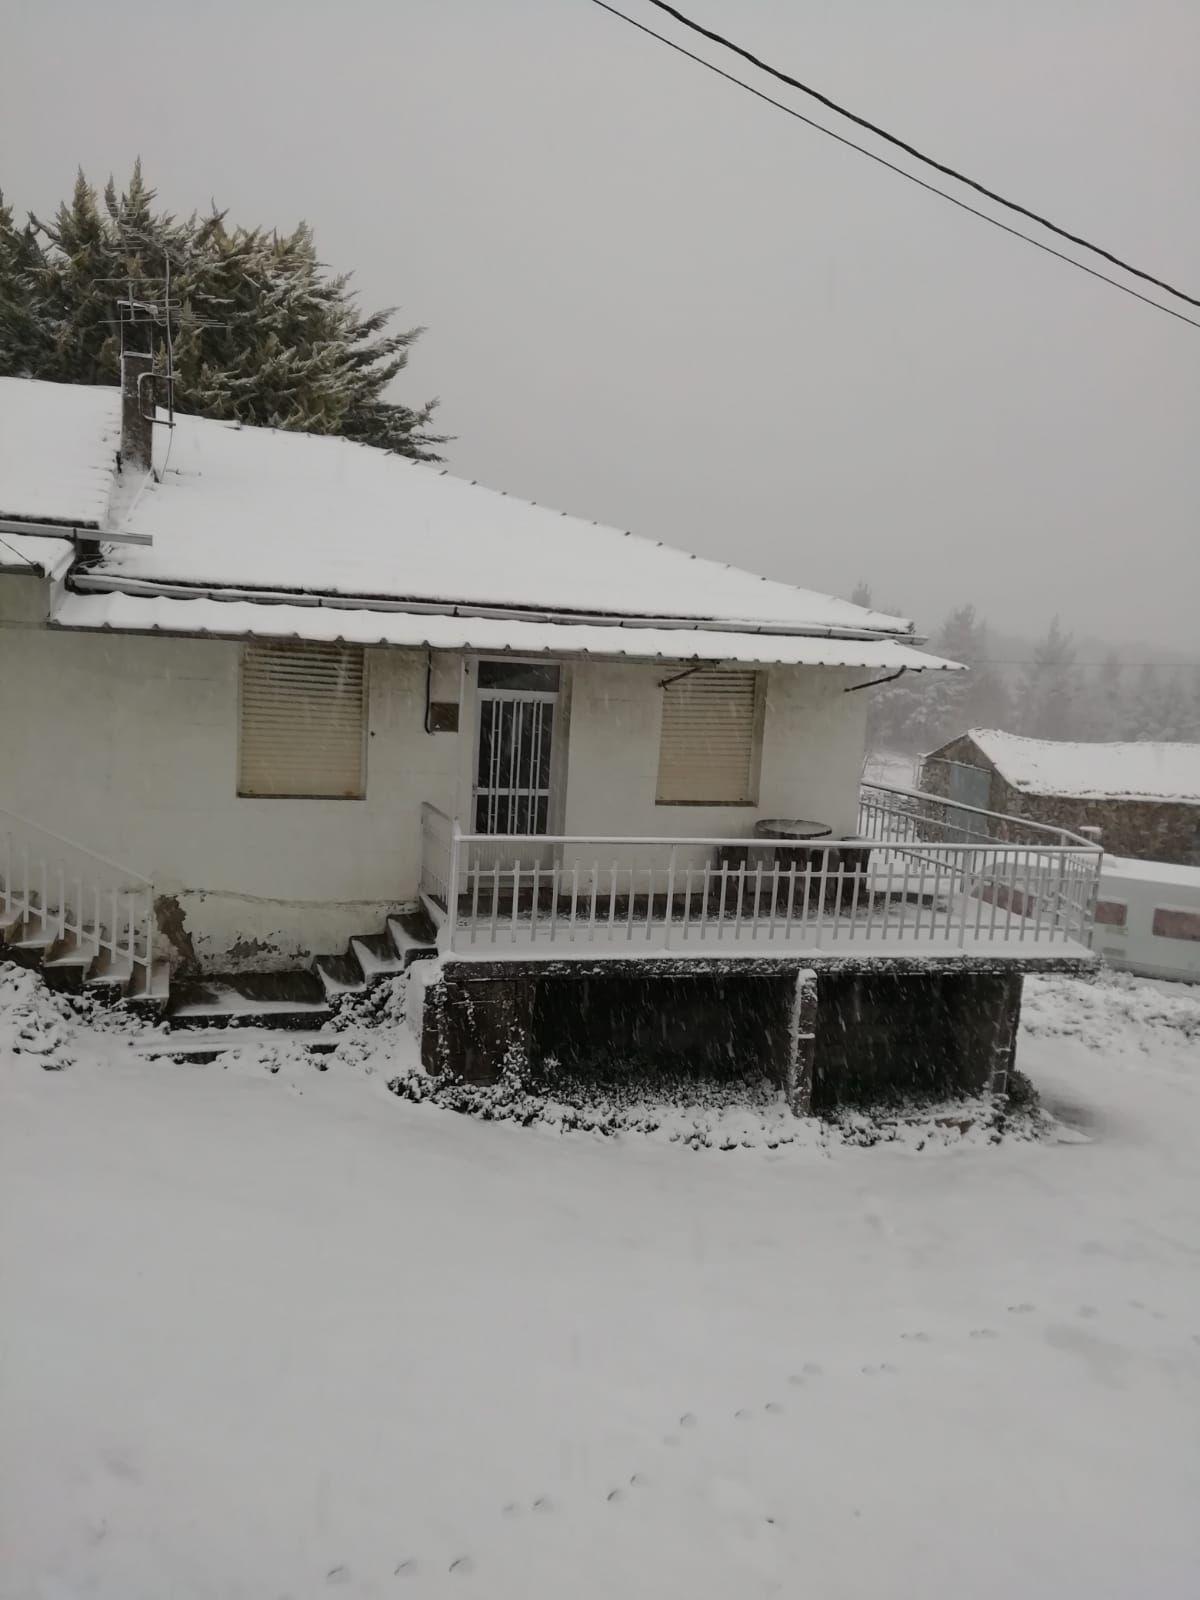 Nieve en Monteveloso, una aldea del interior de Ourense.